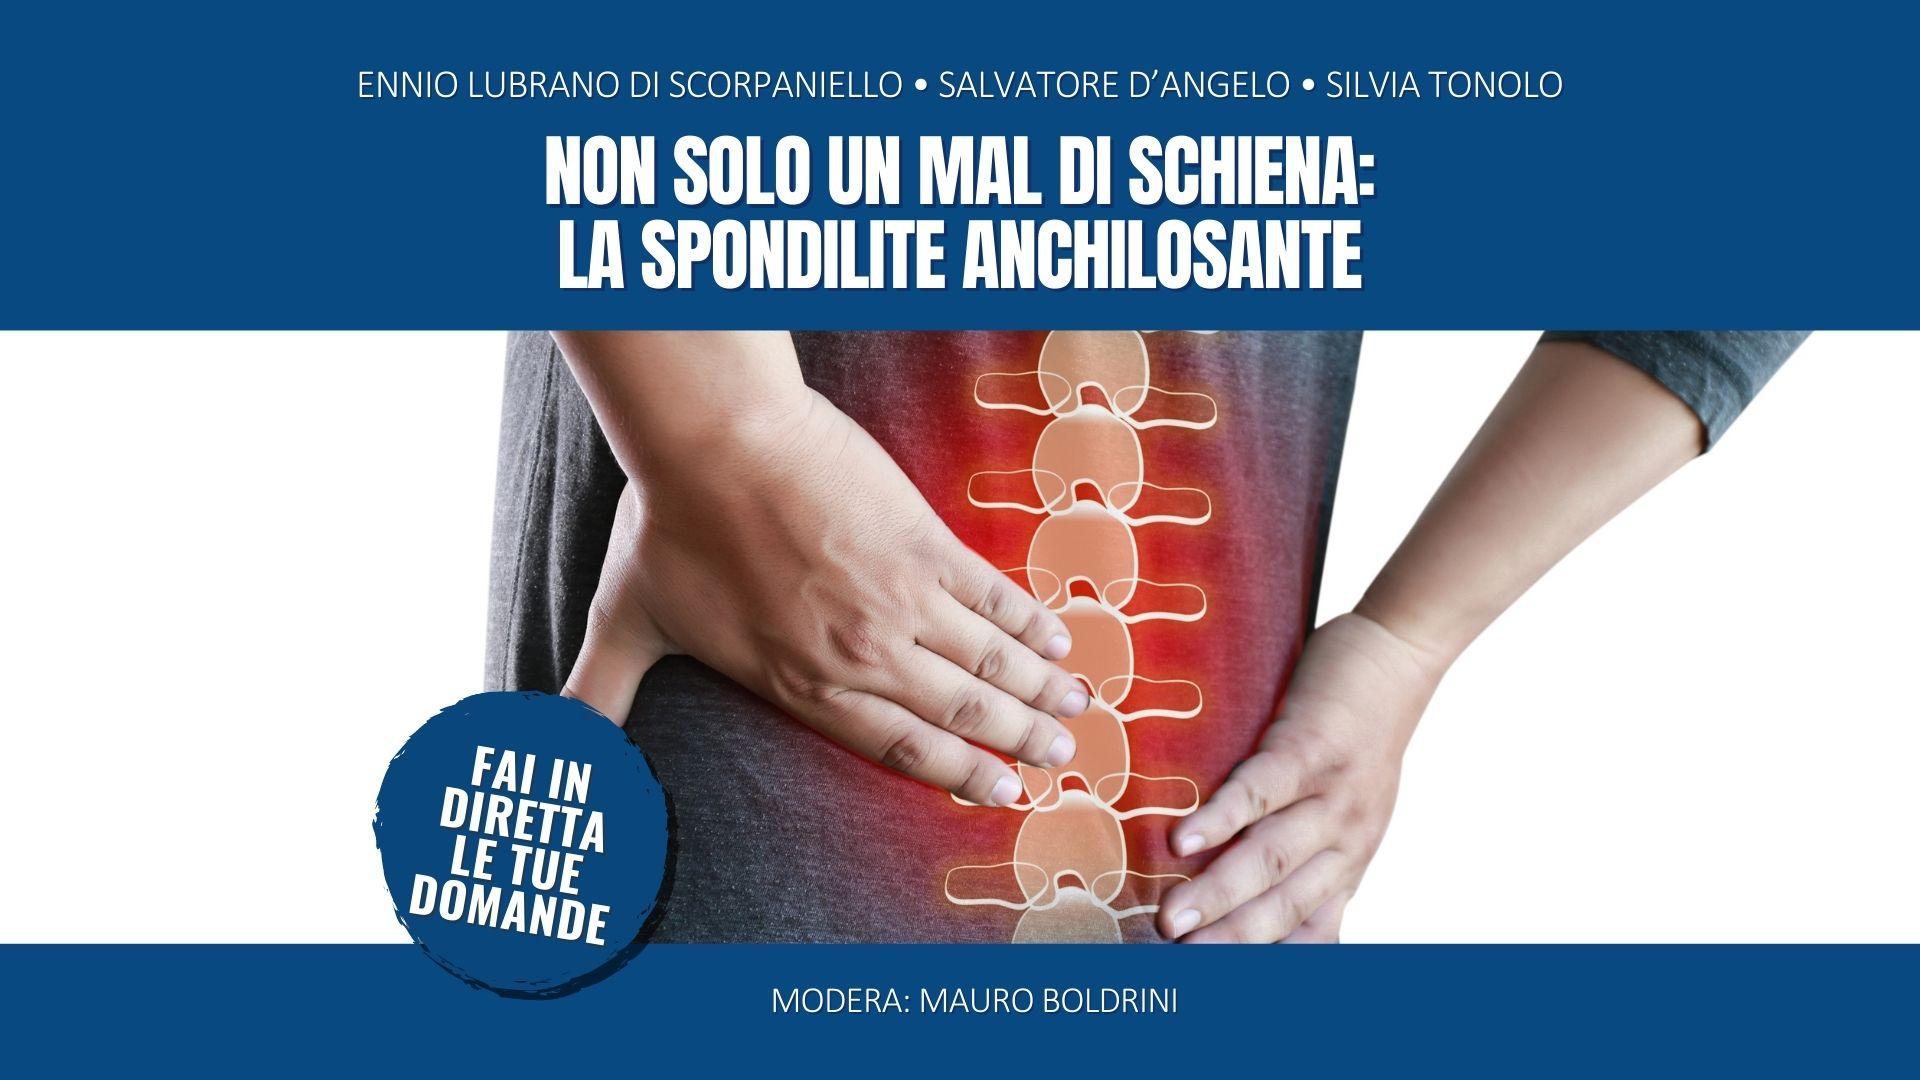 Non solo un mal di schiena: la spondilite anchilosante